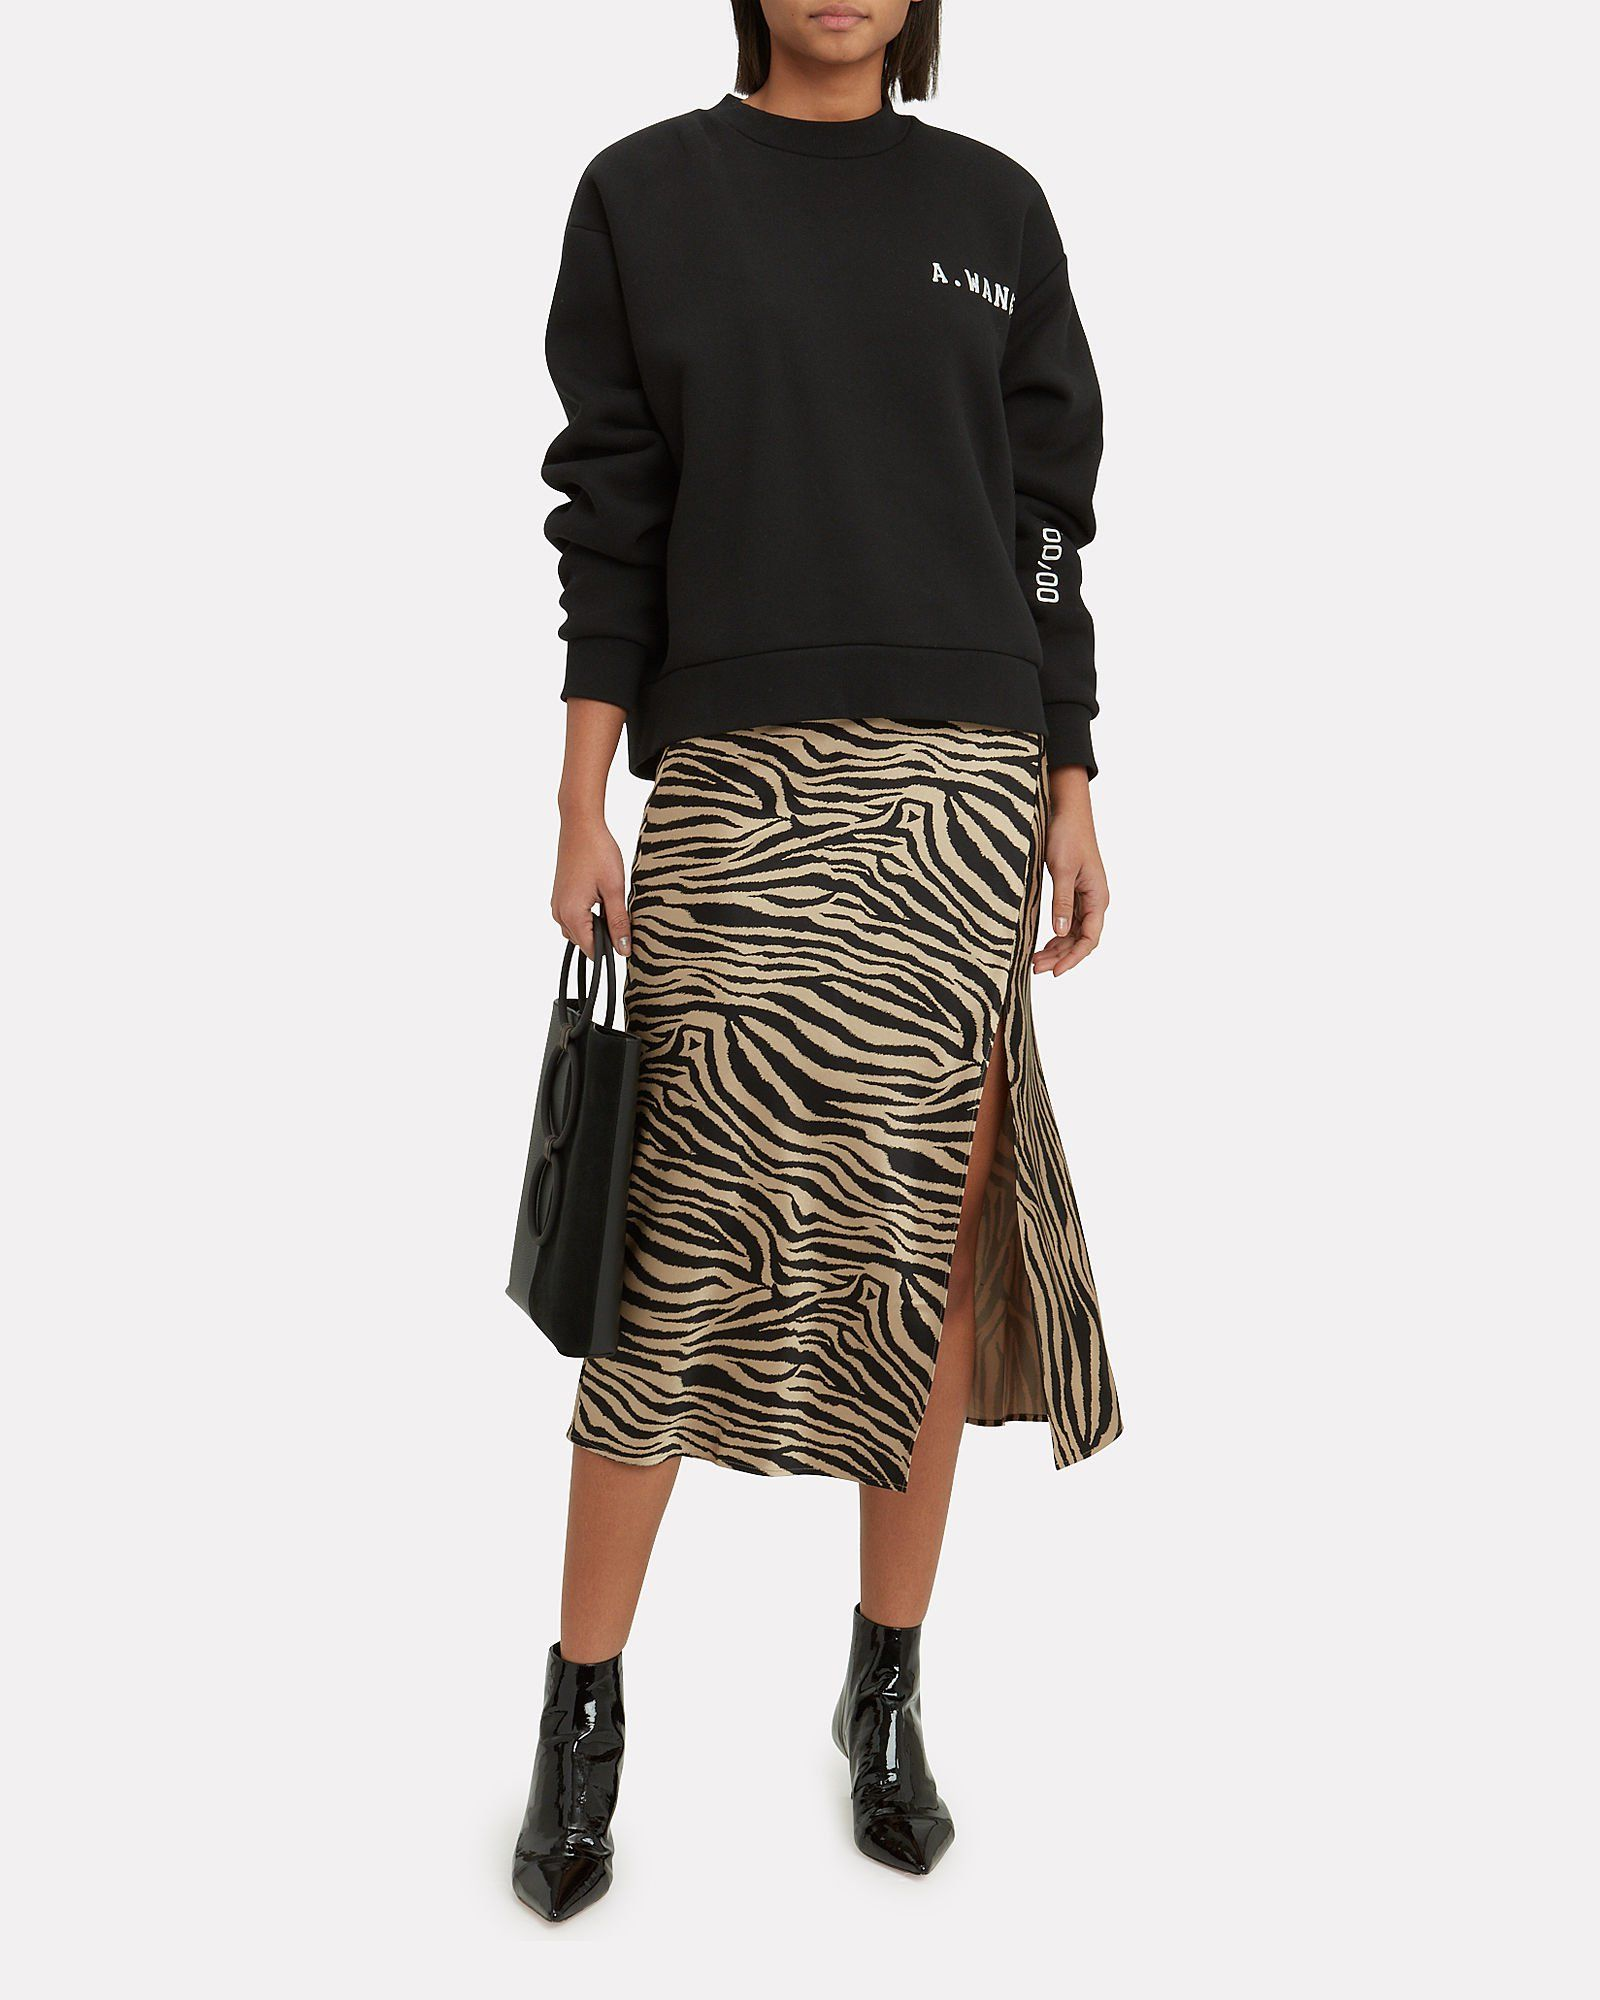 b2ee97442f Zebra Slip Skirt, TAN/BLACK, hi-res   Spring 2019 in 2019   Slip ...